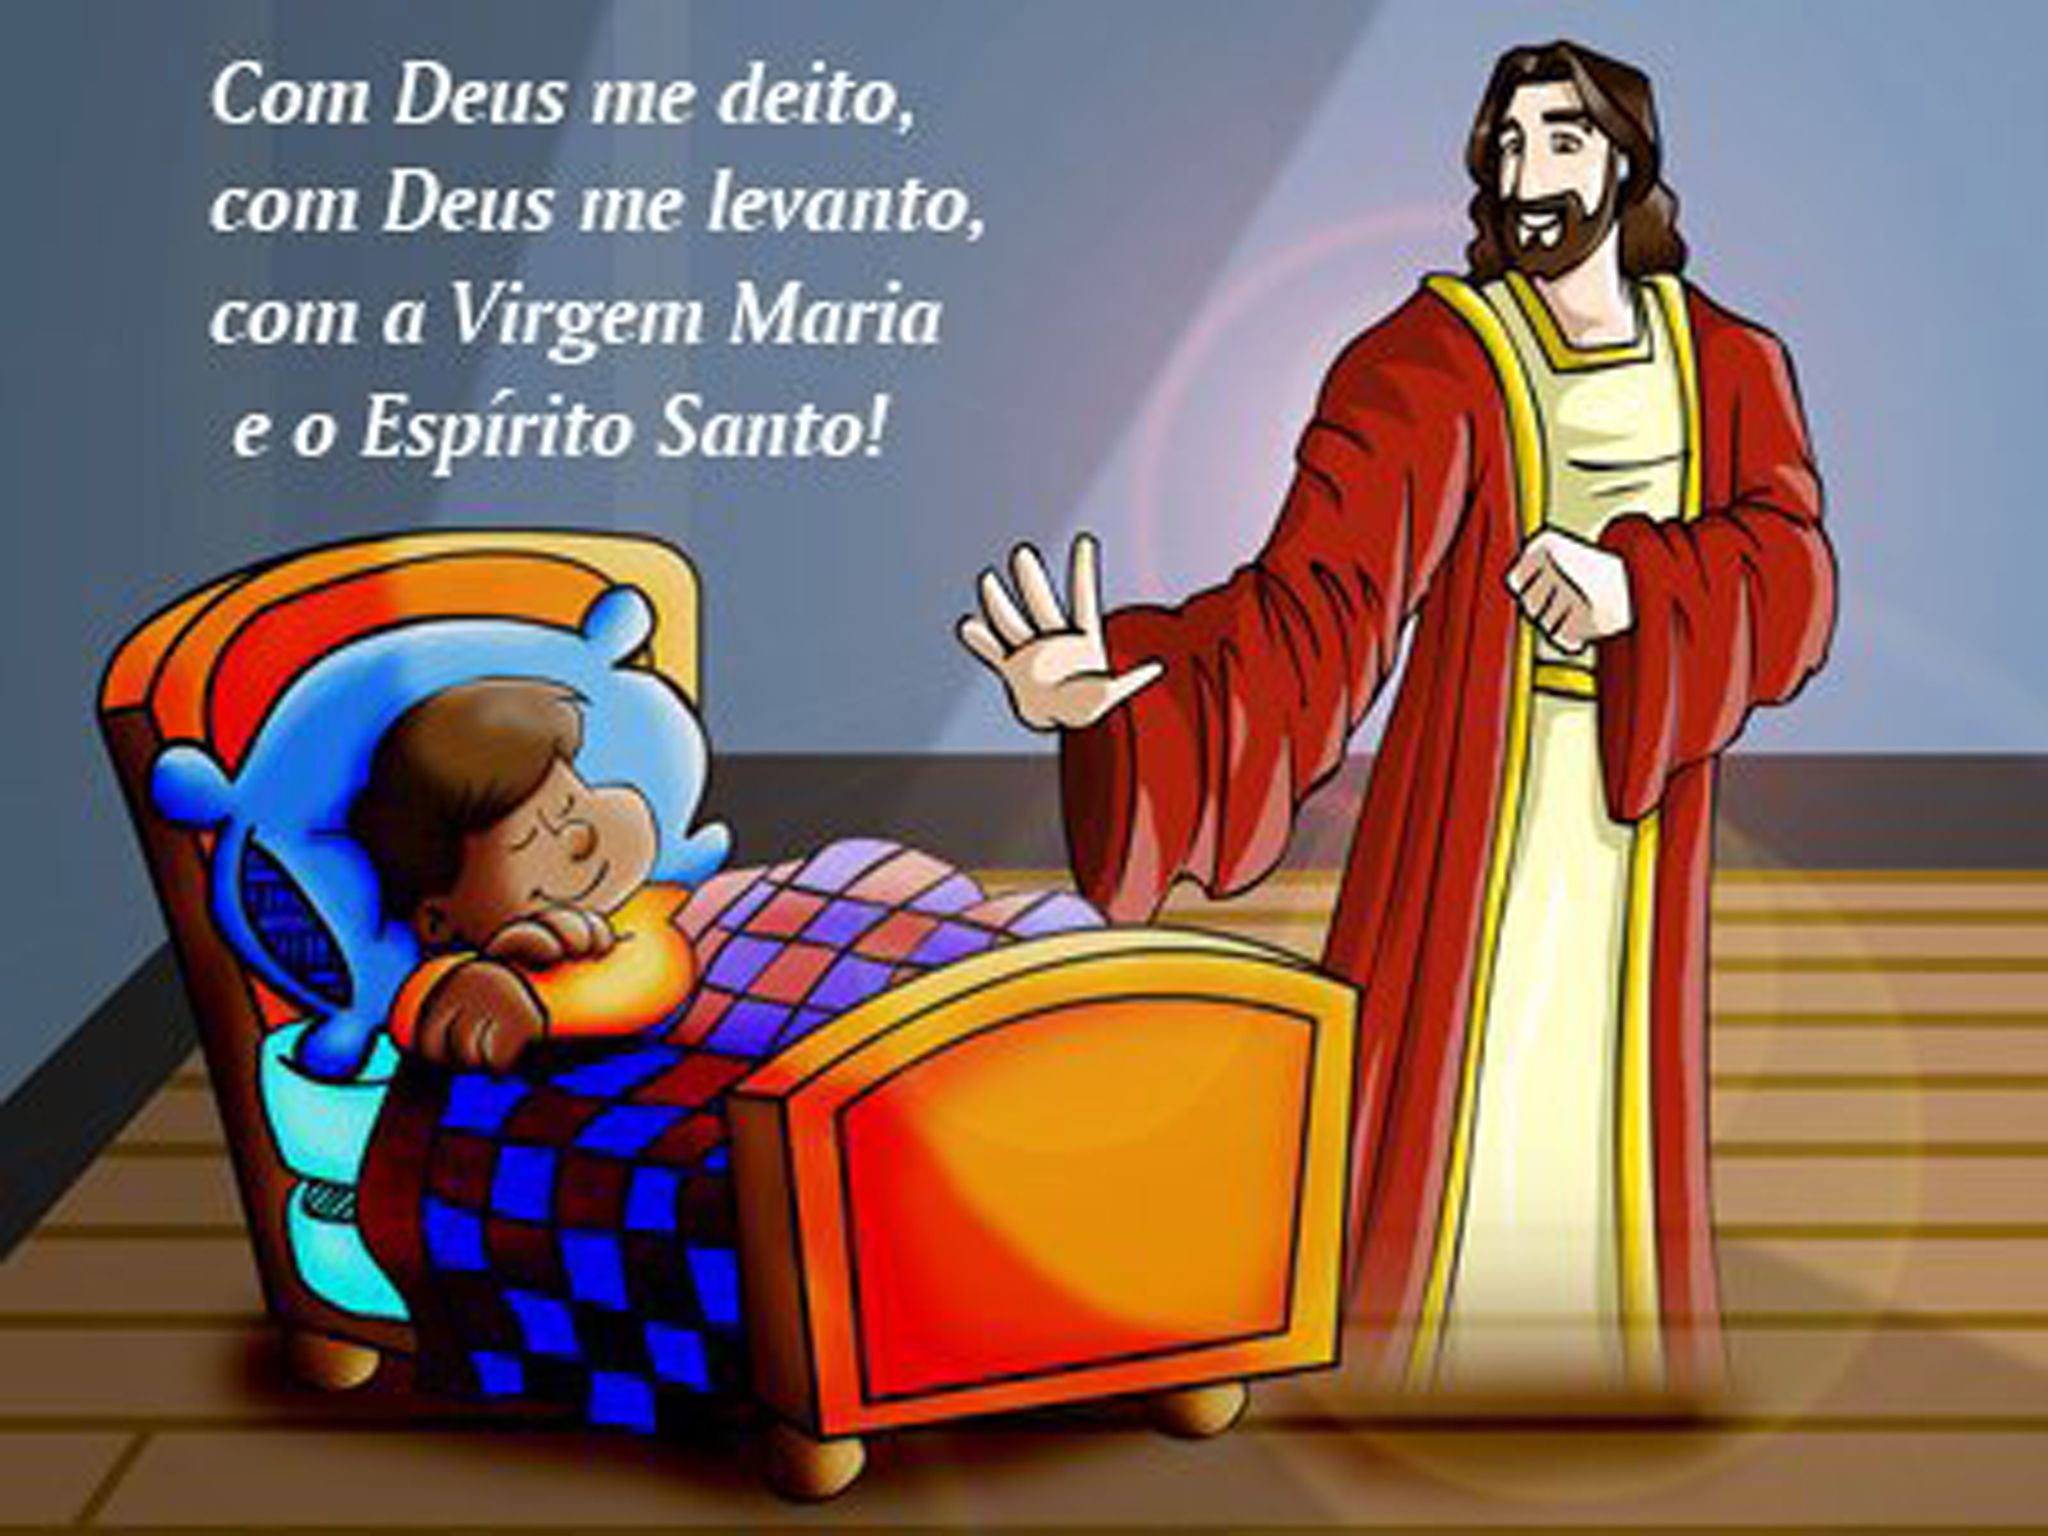 Suficiente Com Deus me deito, com Deus me levanto, com a Virgem Maria e o  WT92